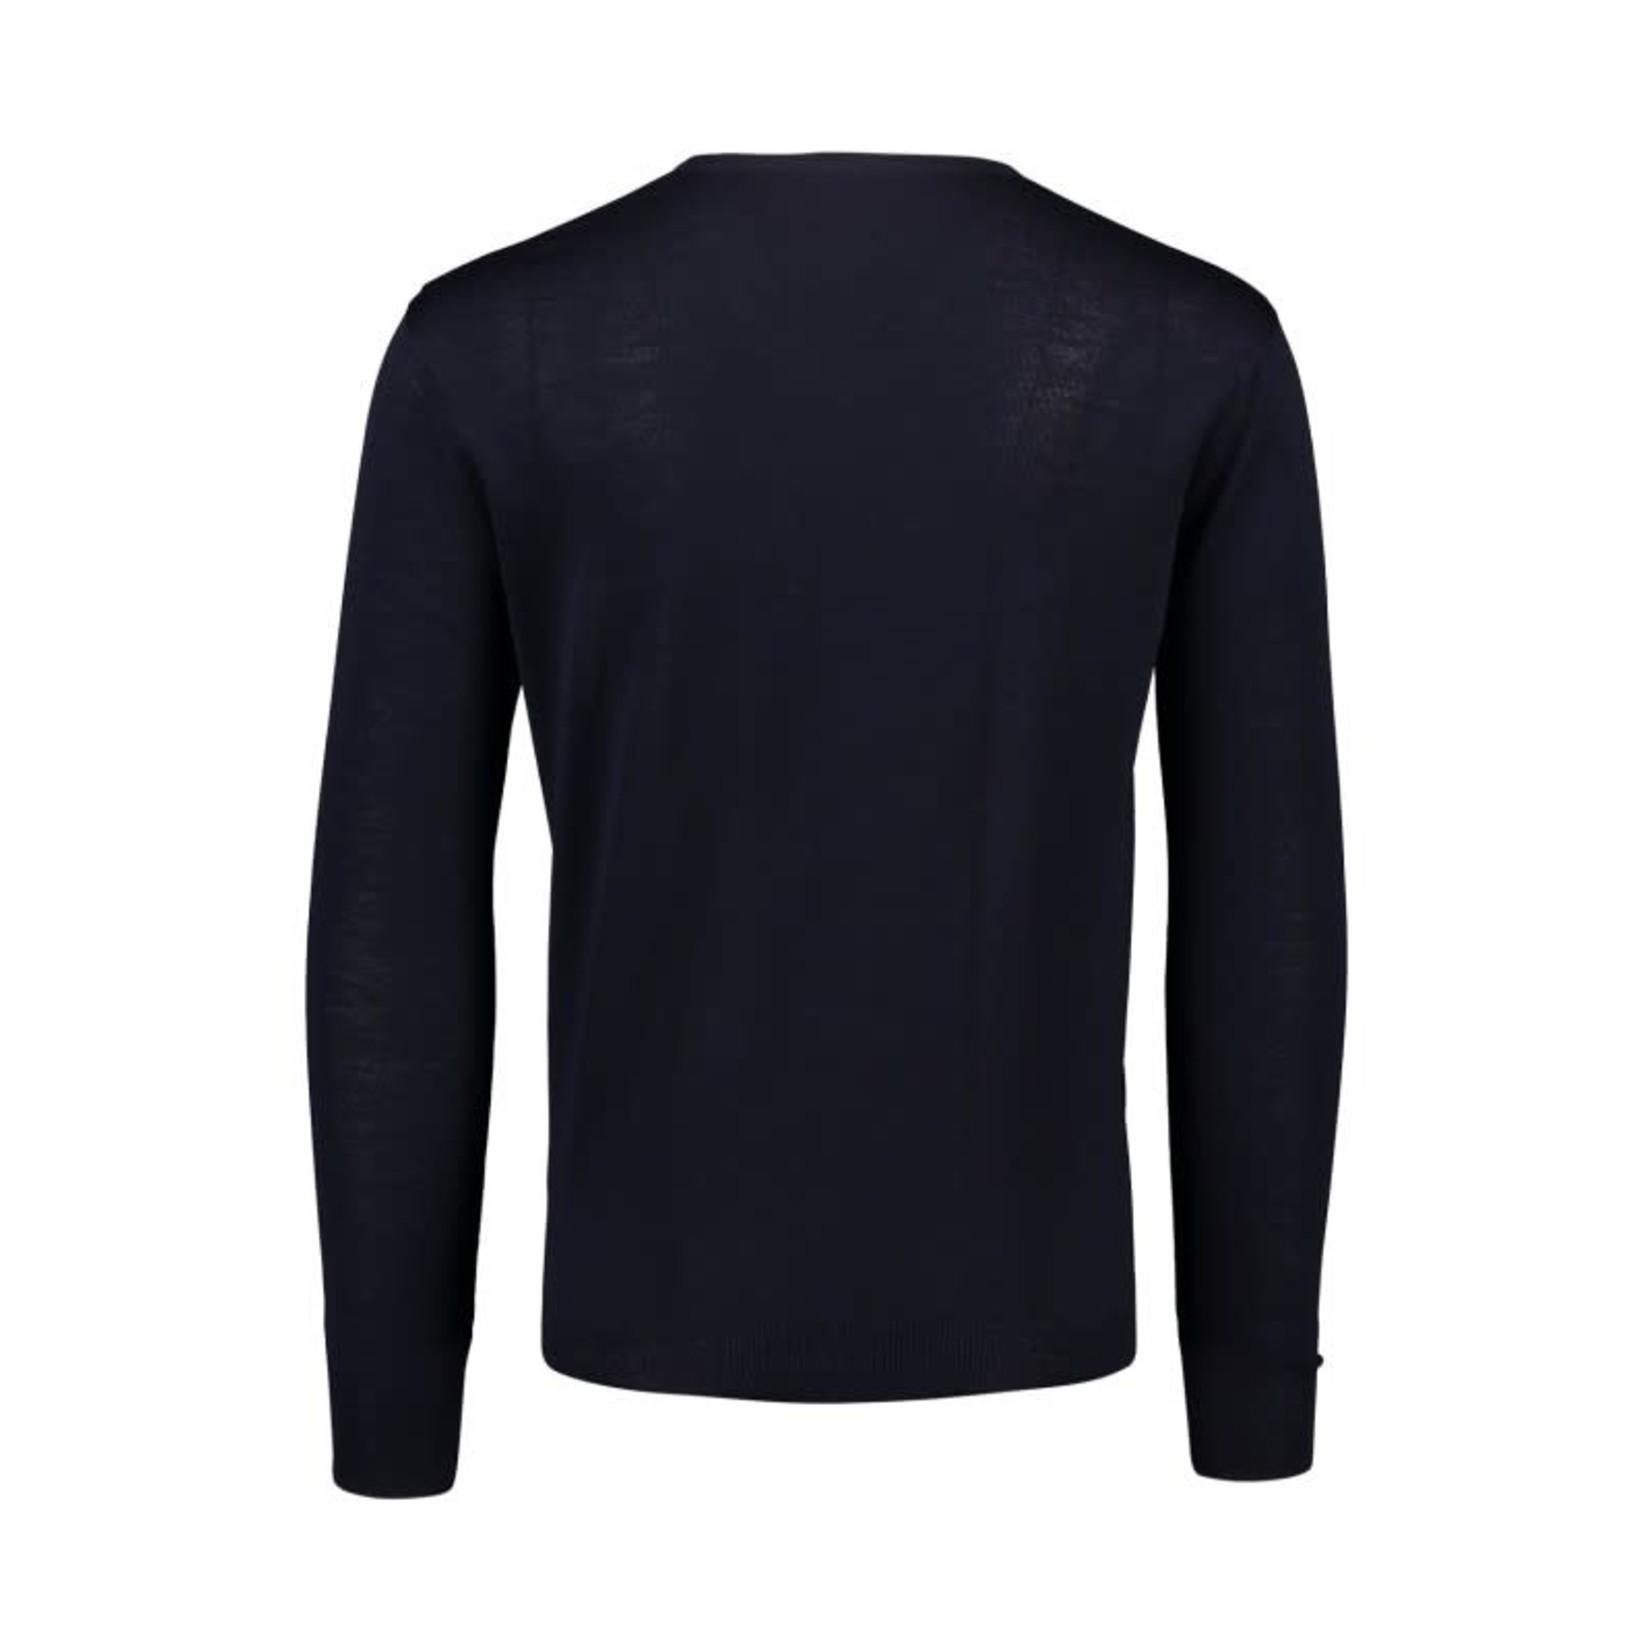 Portofino pullover merino v-hals marine